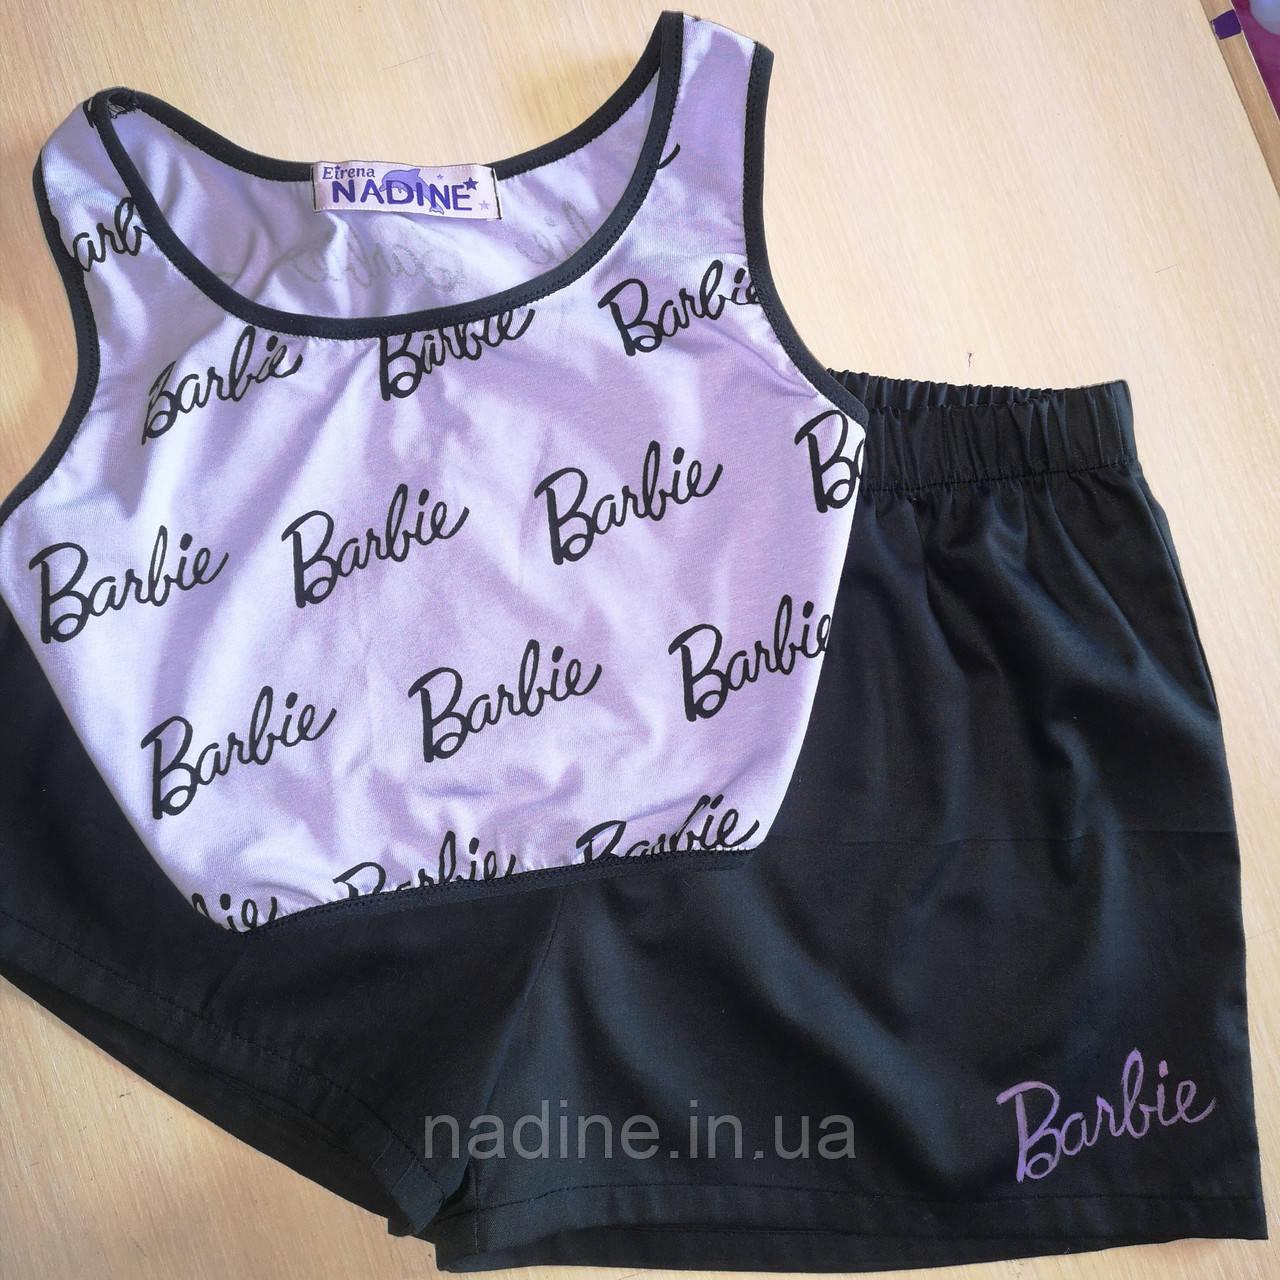 Піжама Barbie Топ і шорти Eirena Nadine (752-64) на зріст 164/42 чорний